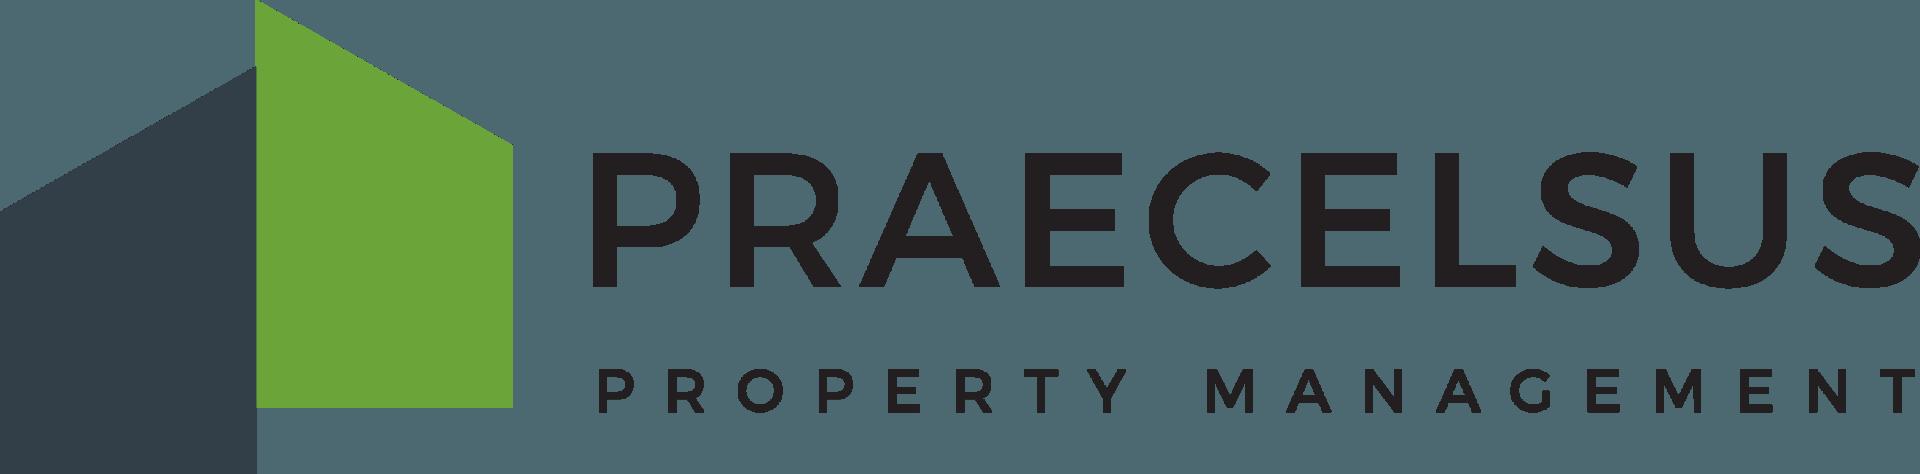 Praecelsus Property Management Logo